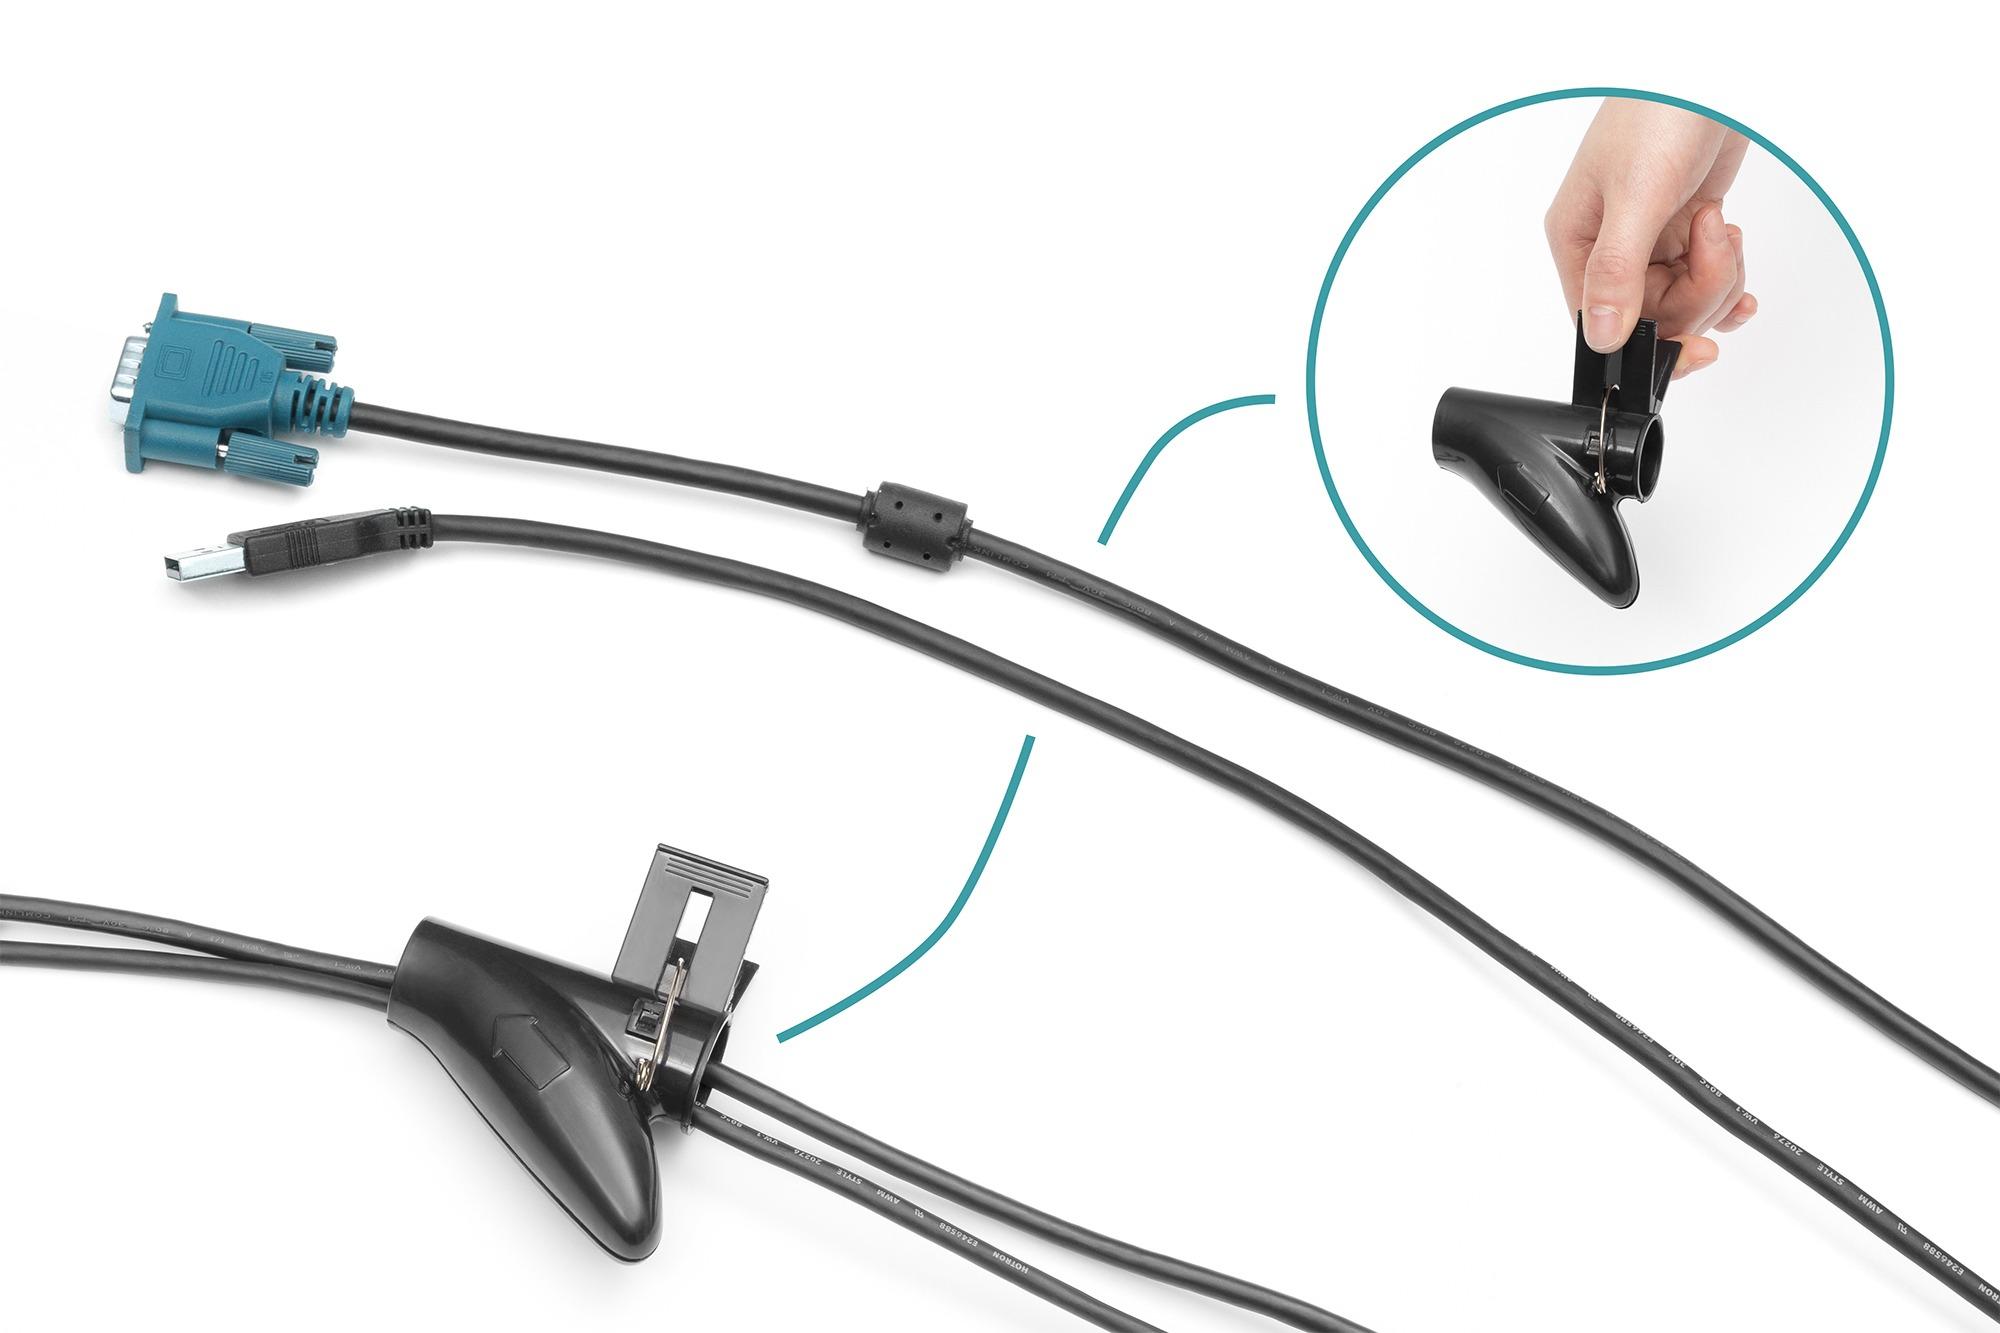 Tubo per cavi flessibile a spirale con atttrezzo per l'inserimento 5 mt digitus